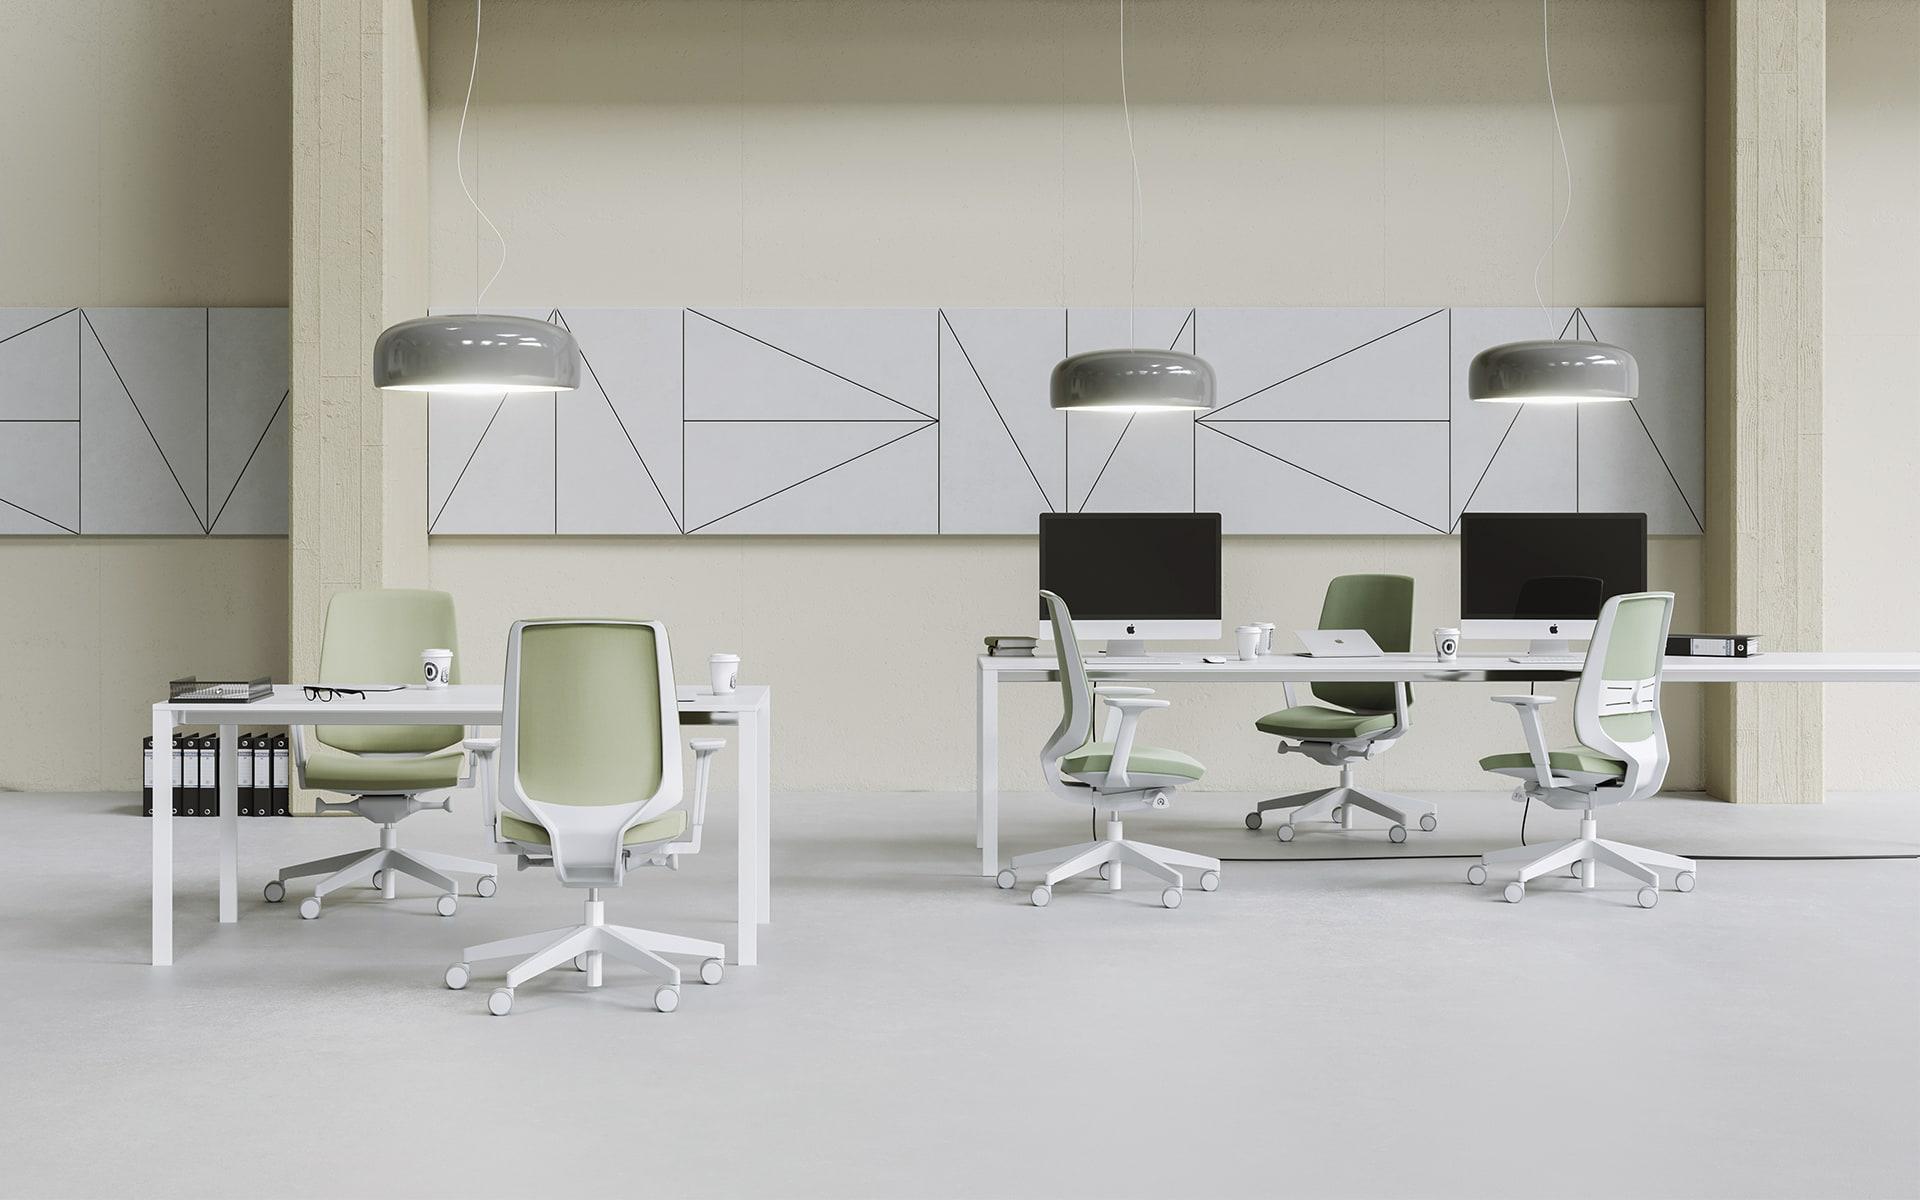 Helles, modernes Großraumbüro, das mit blauen Profim LightUp Bürostühlen von ITO Design eingerichtet ist